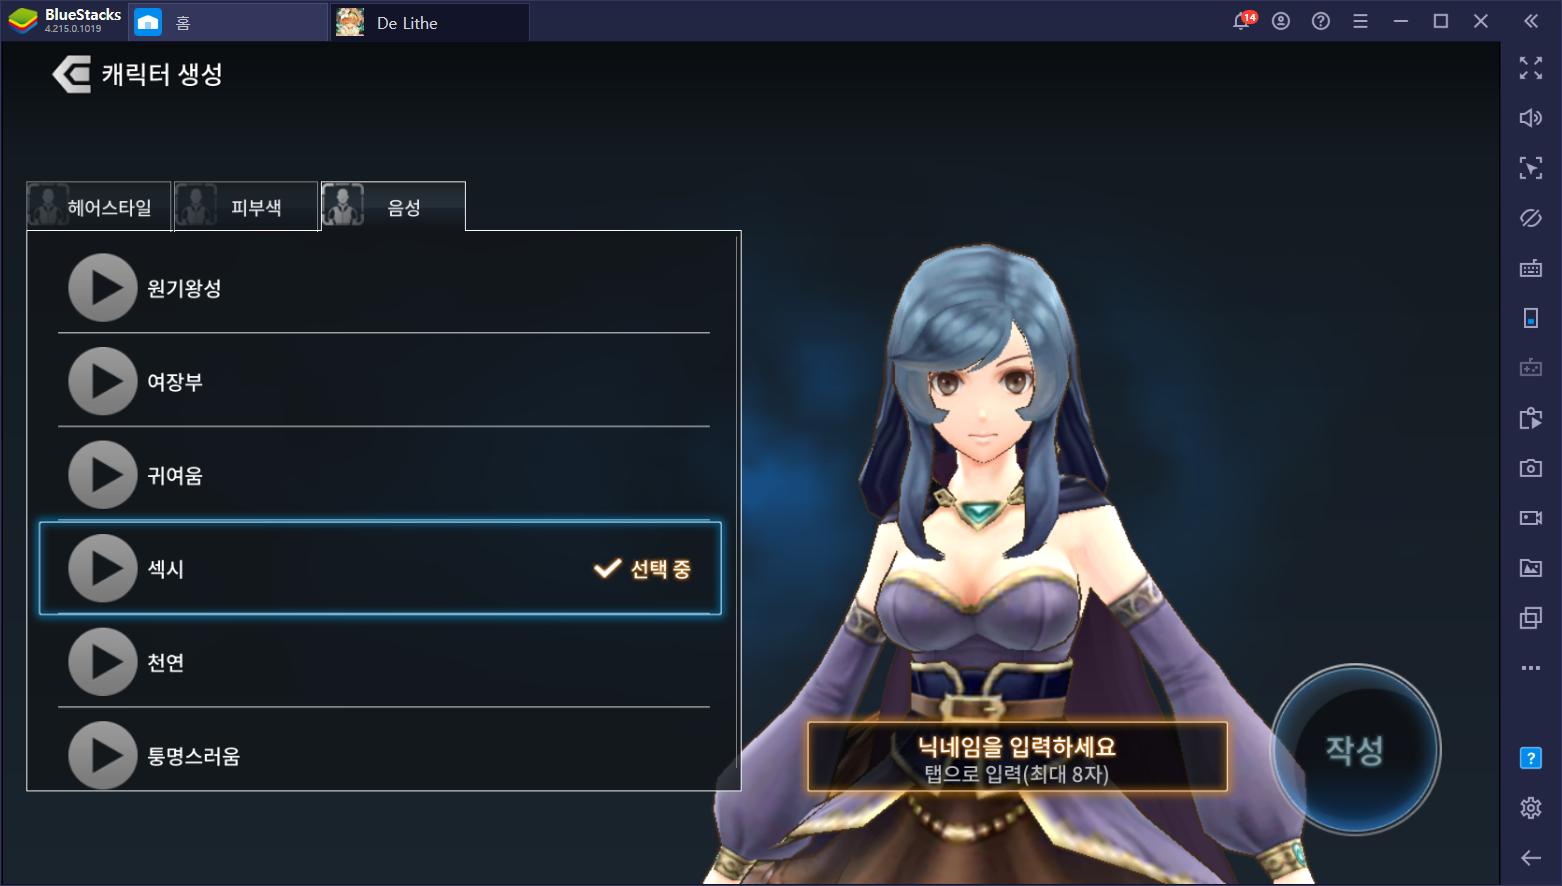 디라이즈(De:Lithe) – 망각의 진왕과 맹약의 천사를 블루스택 앱플레이어에서 시작하세요